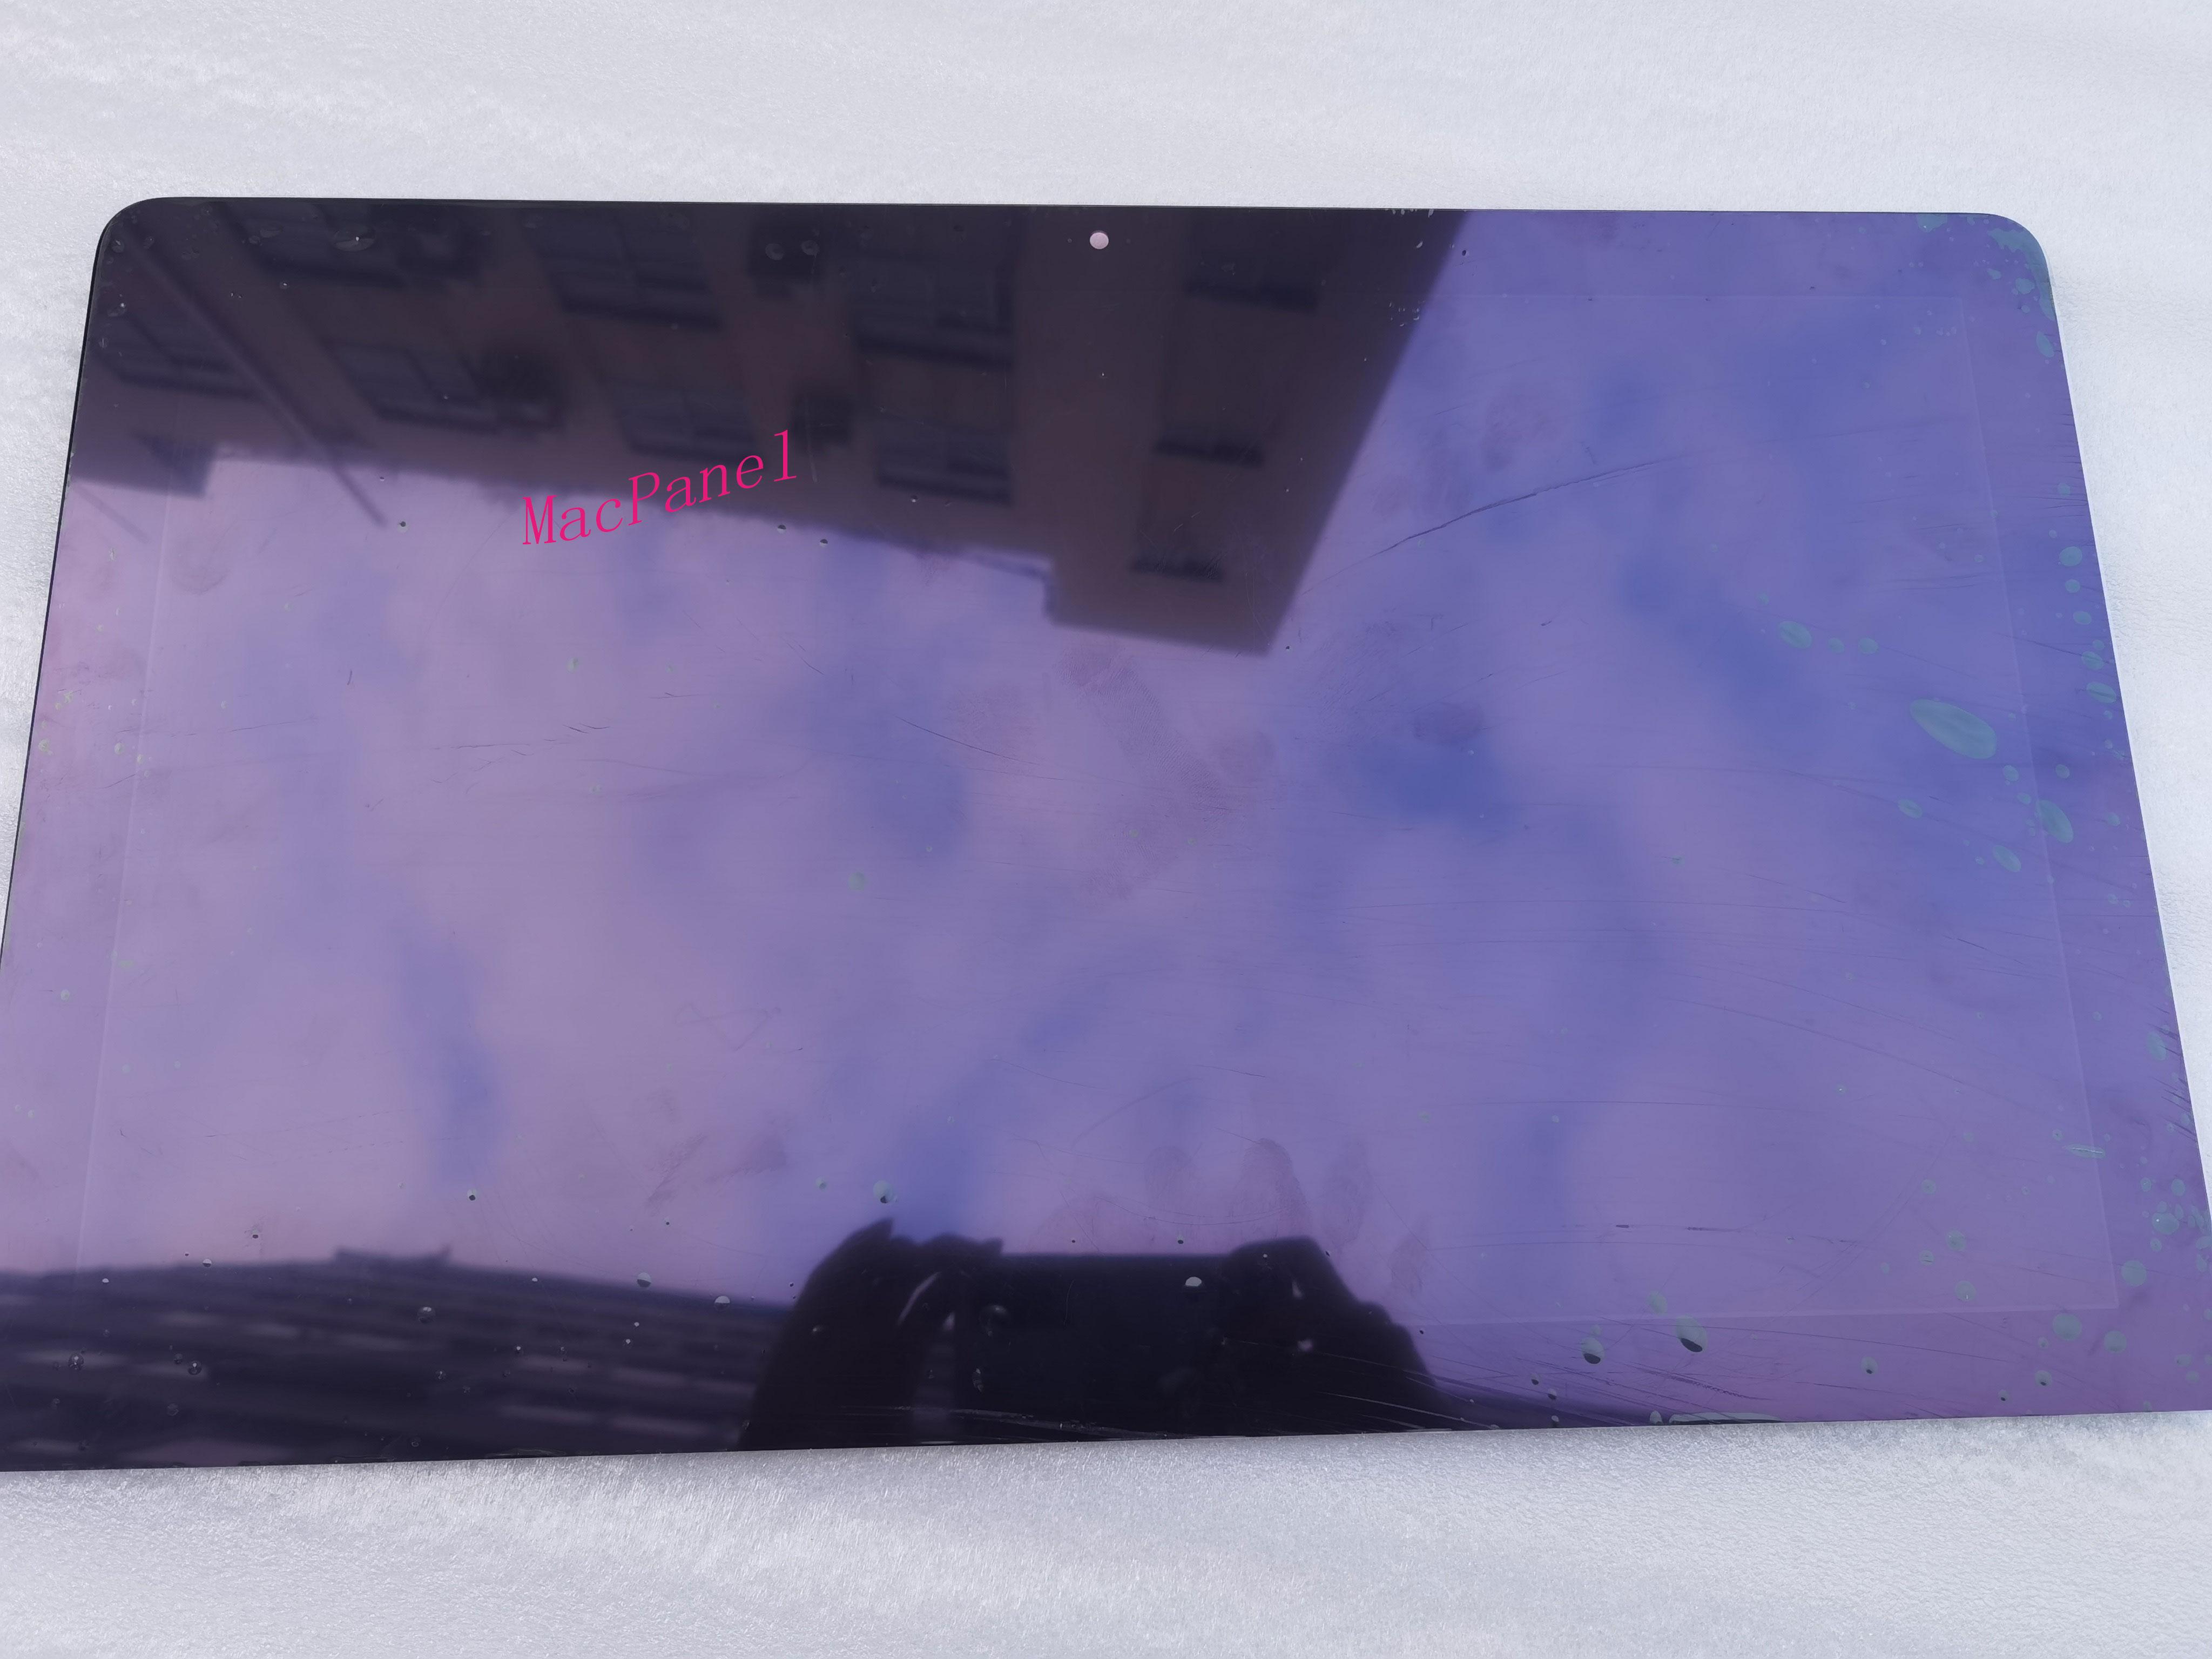 novo display lcd para imac montagem de tela de 215 polegadas 2012 2013 a1418 2k md093